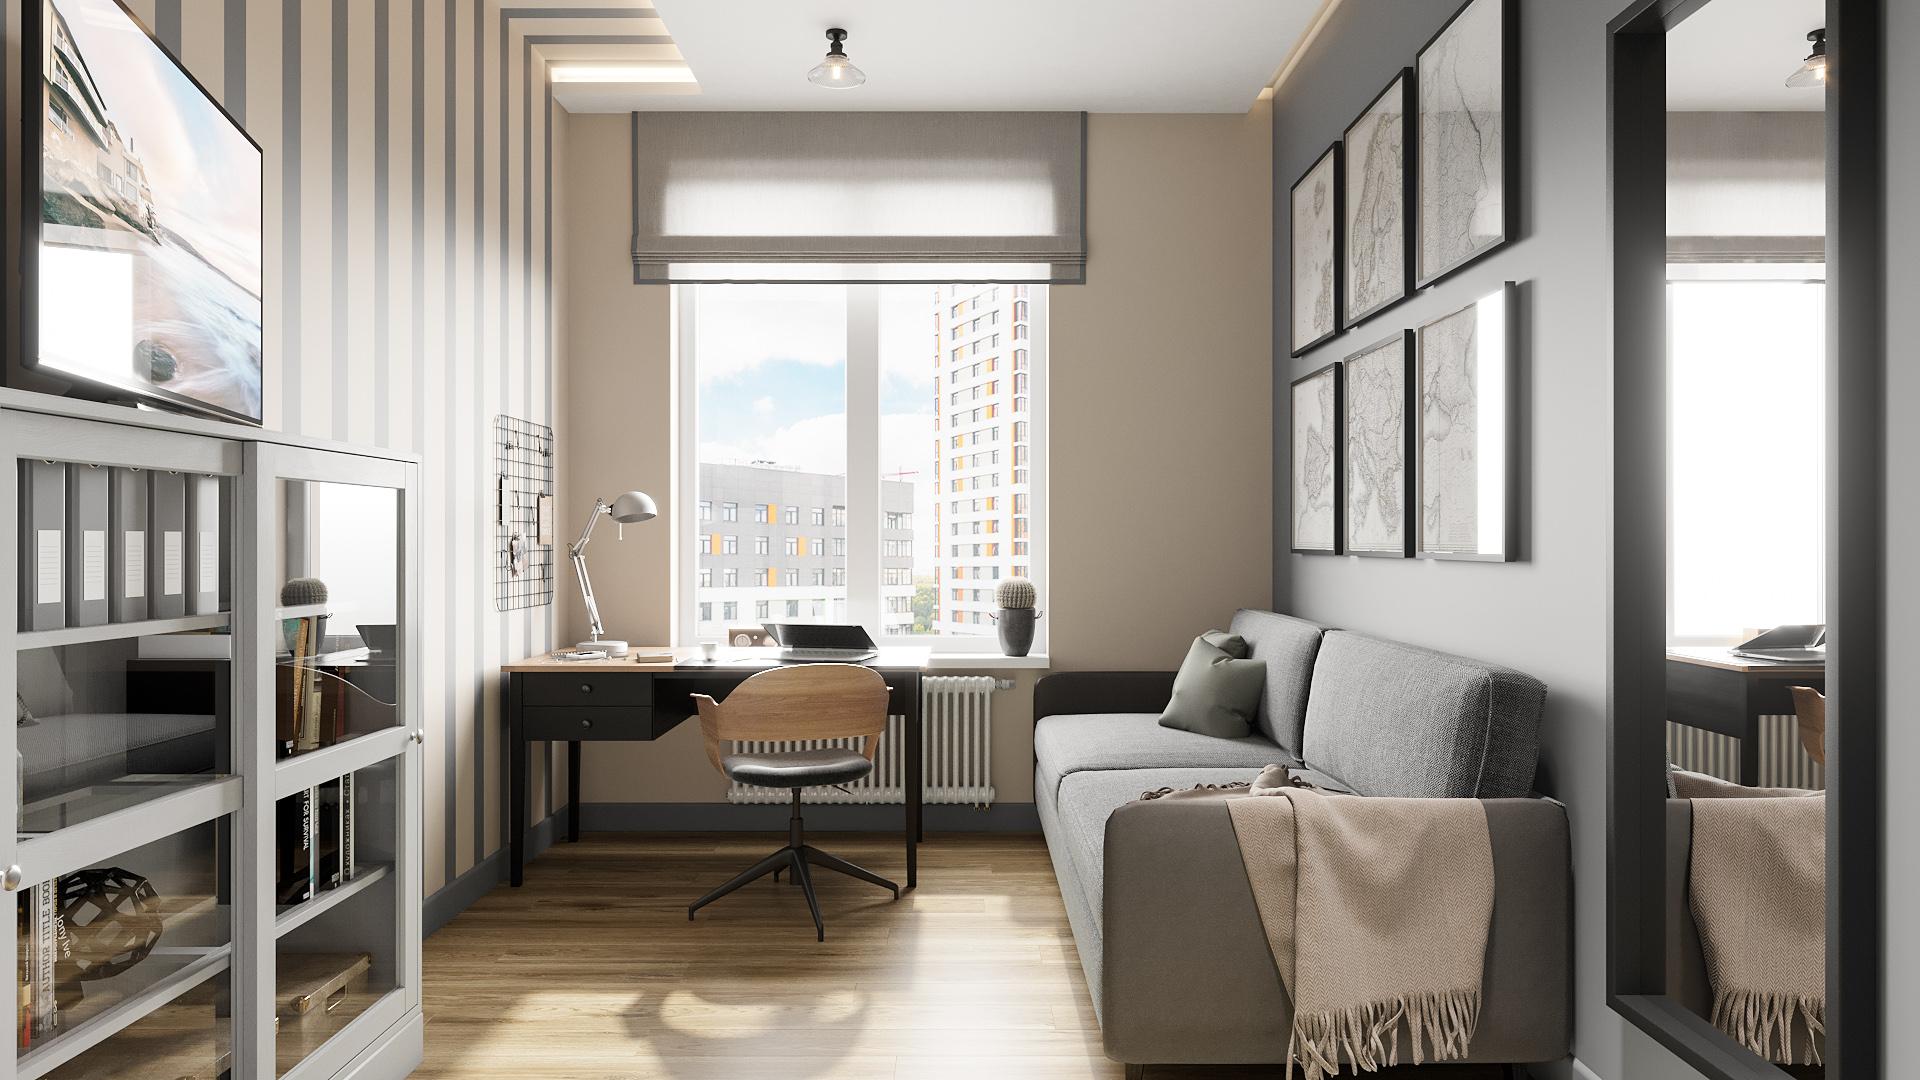 фото:Жилое пространство этой квартиры позволило организовать гостевую комнату, которая время от времени будет занята гостями. Ну а постоянным назначением этой комнаты является кабинет хозяина. Пространство наполнено всем необходимым: платяной шкаф, рабочее место, а также раскладной диван